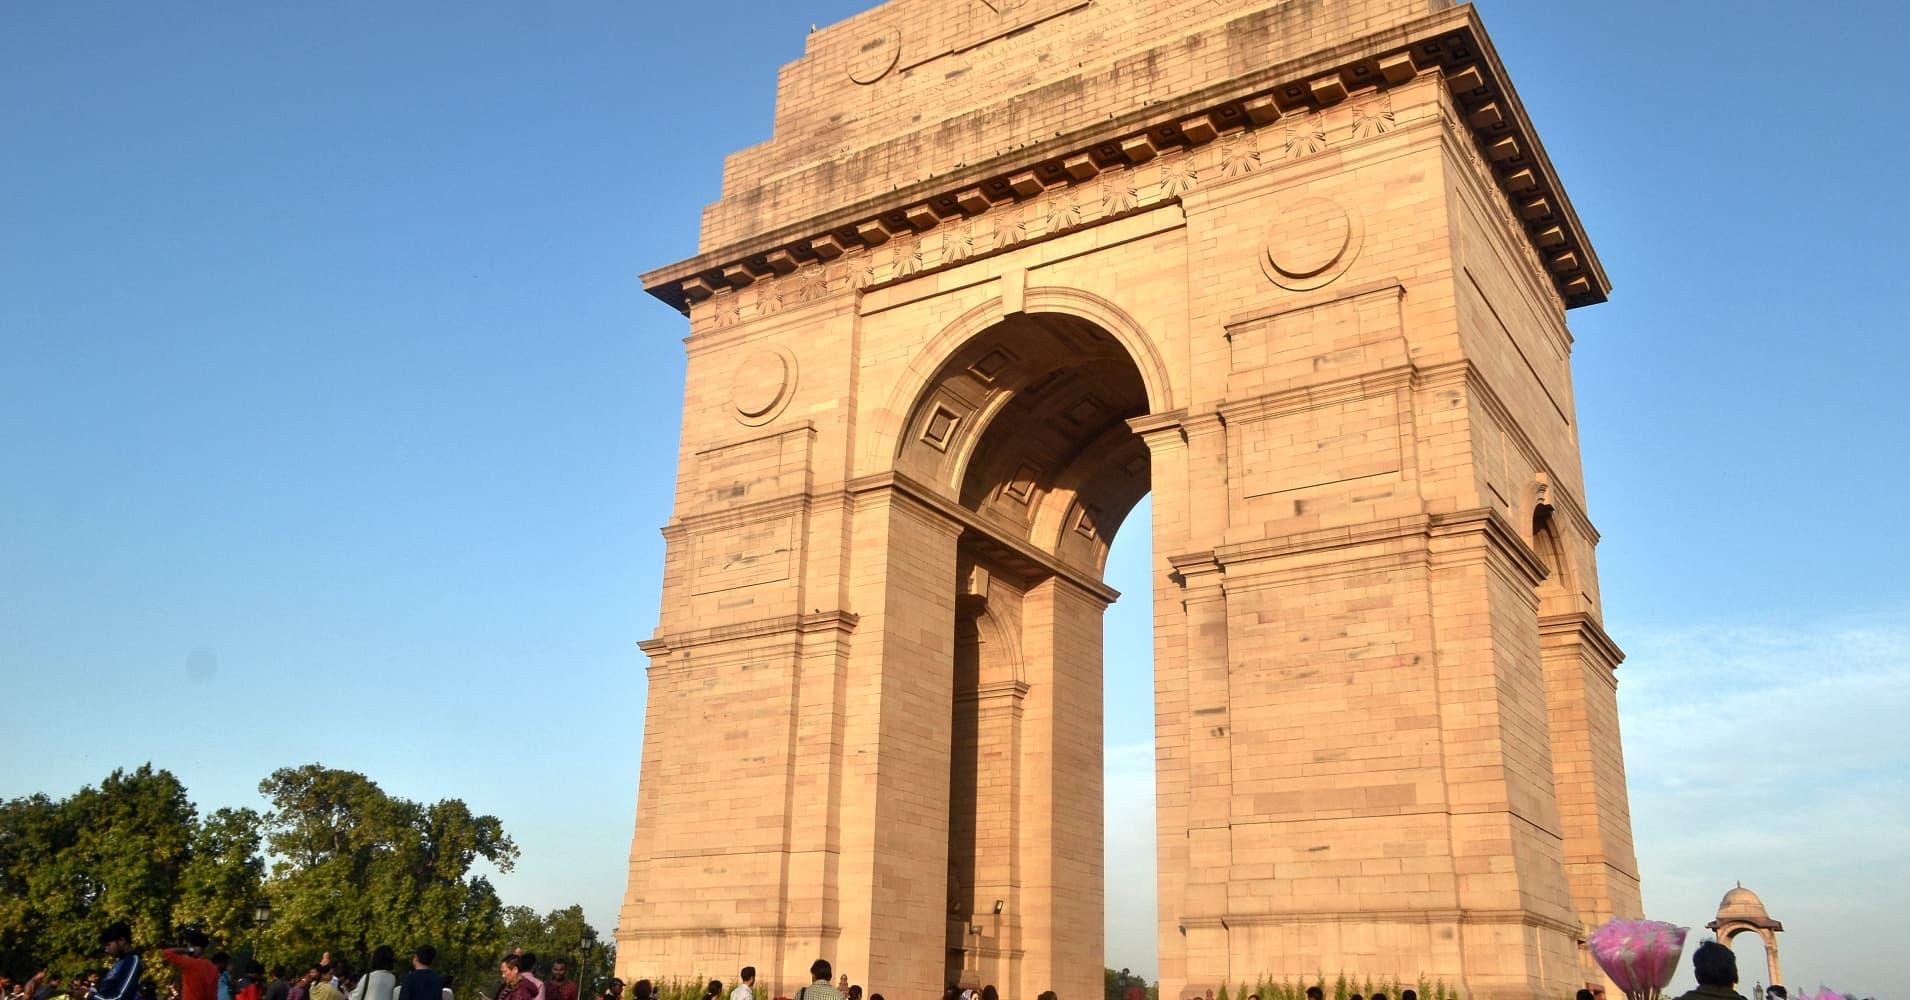 Delhi: A treasure trove of ancient history and culture